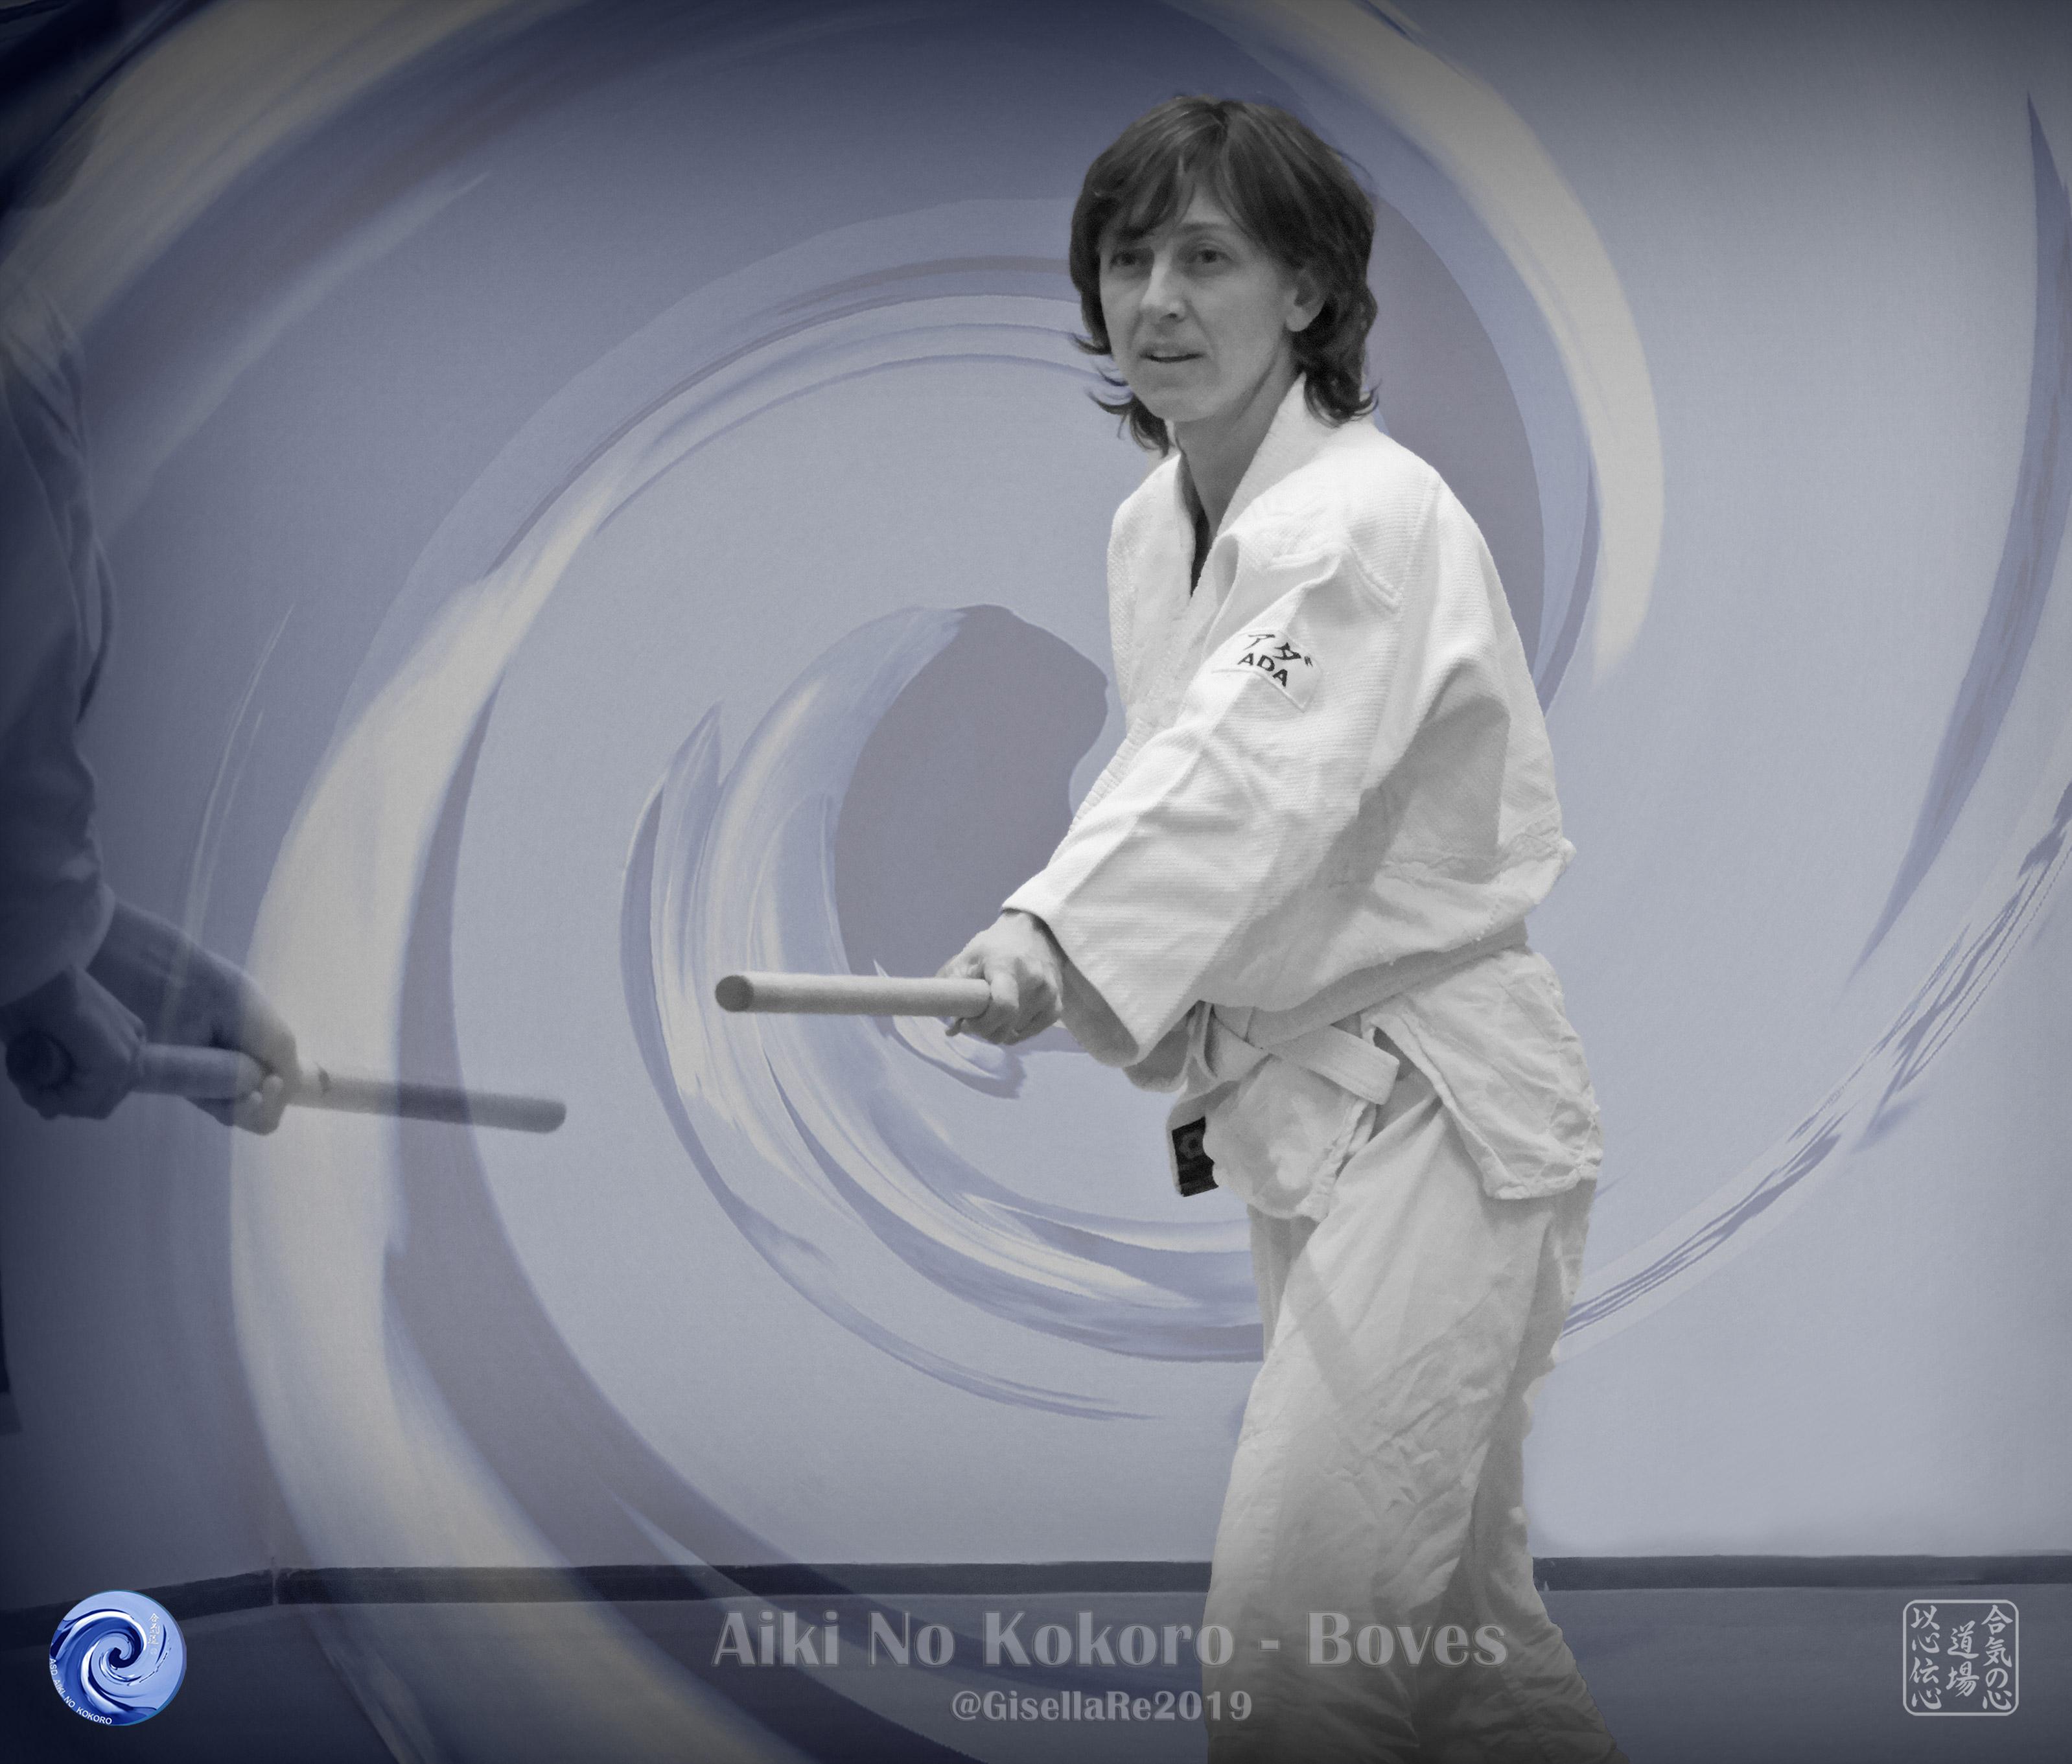 Kimochi No Keiko - Pratica dell'intenzione - Aikido a Cuneo